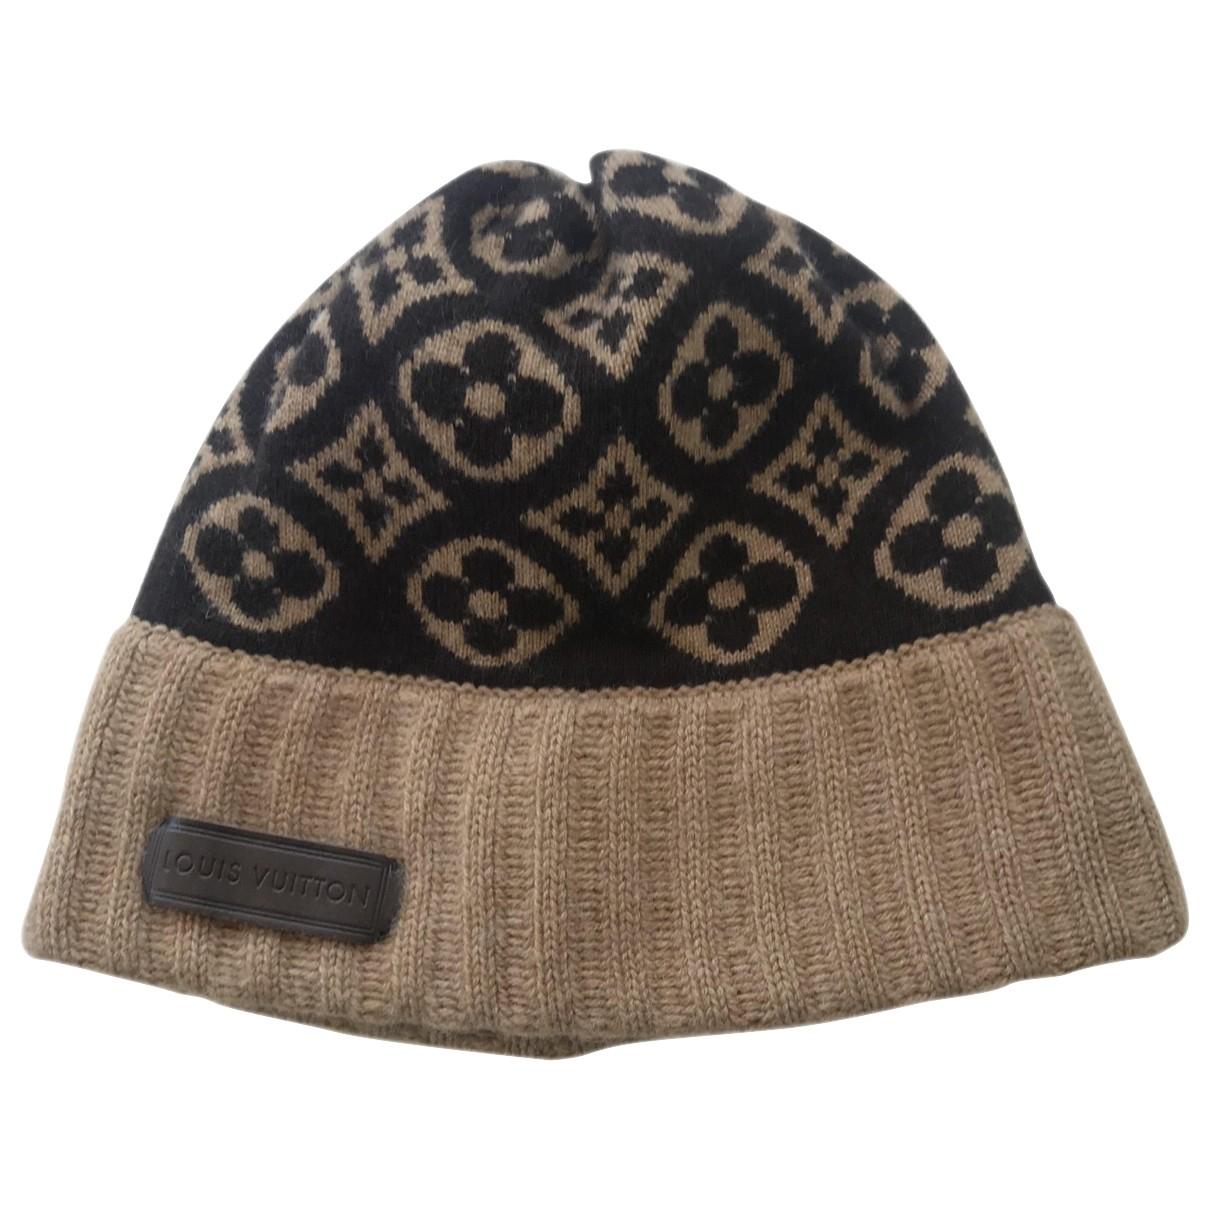 Louis Vuitton \N Beige Cashmere hat for Women M International